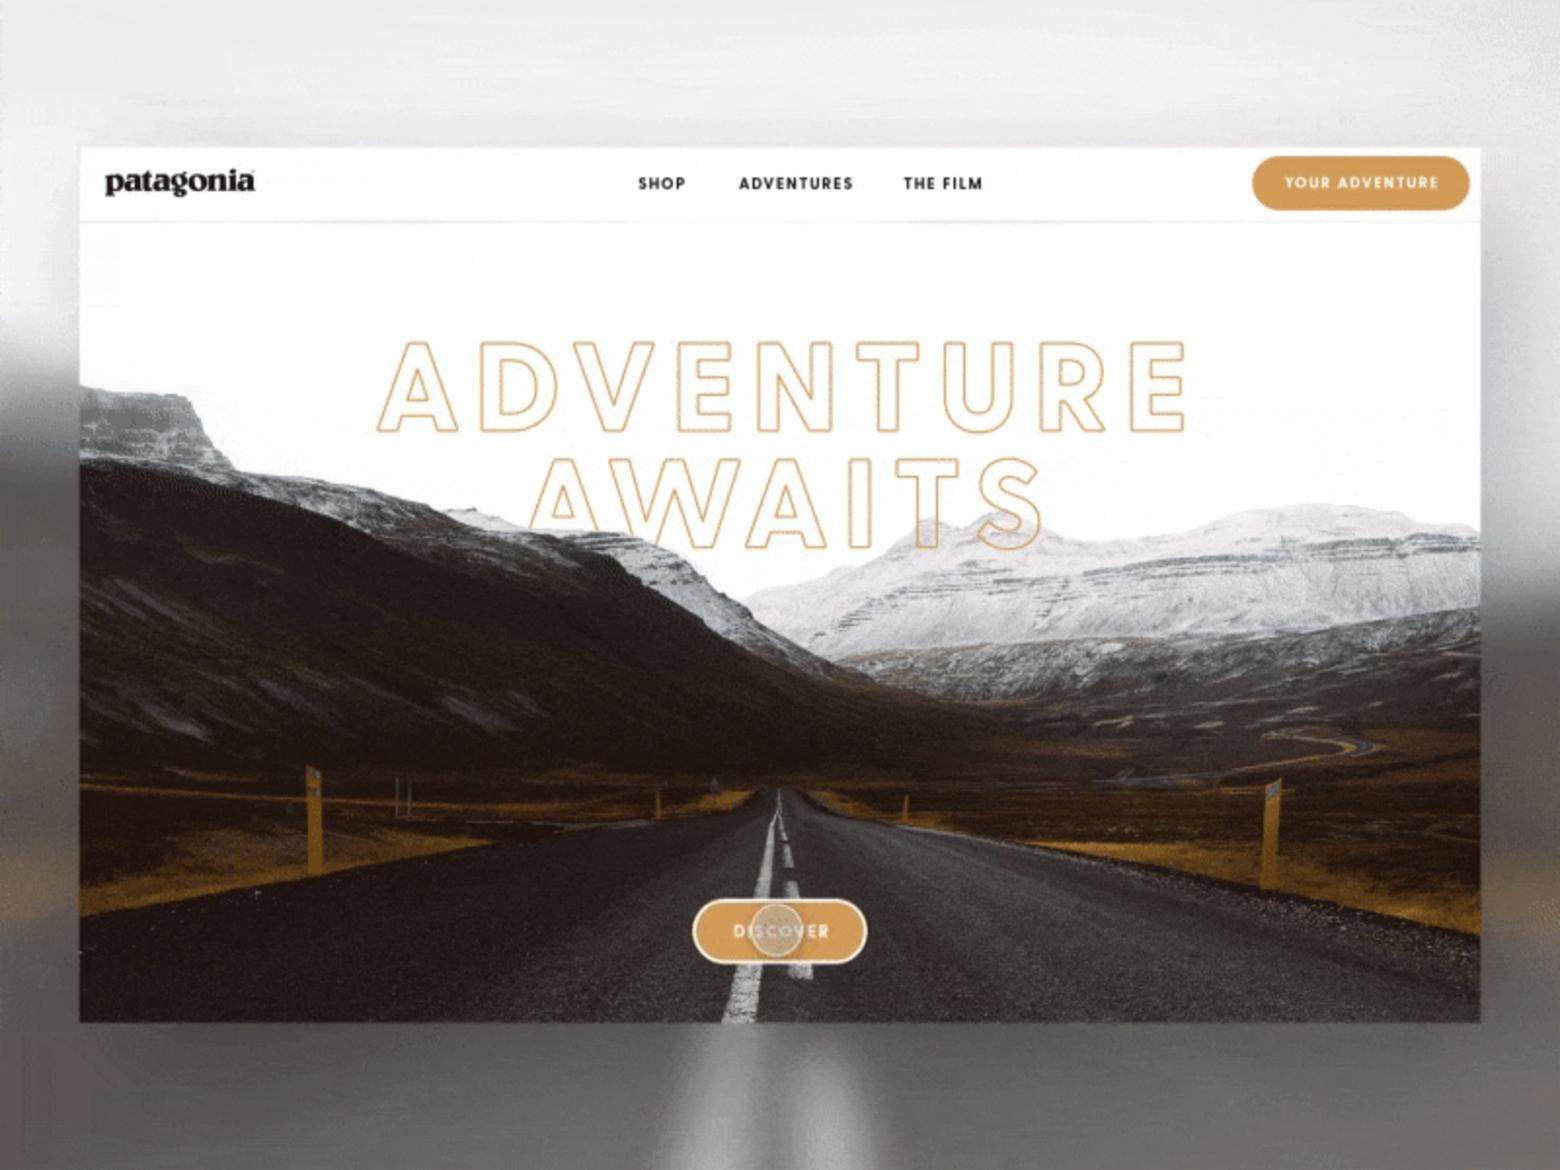 Nathan Riley website design